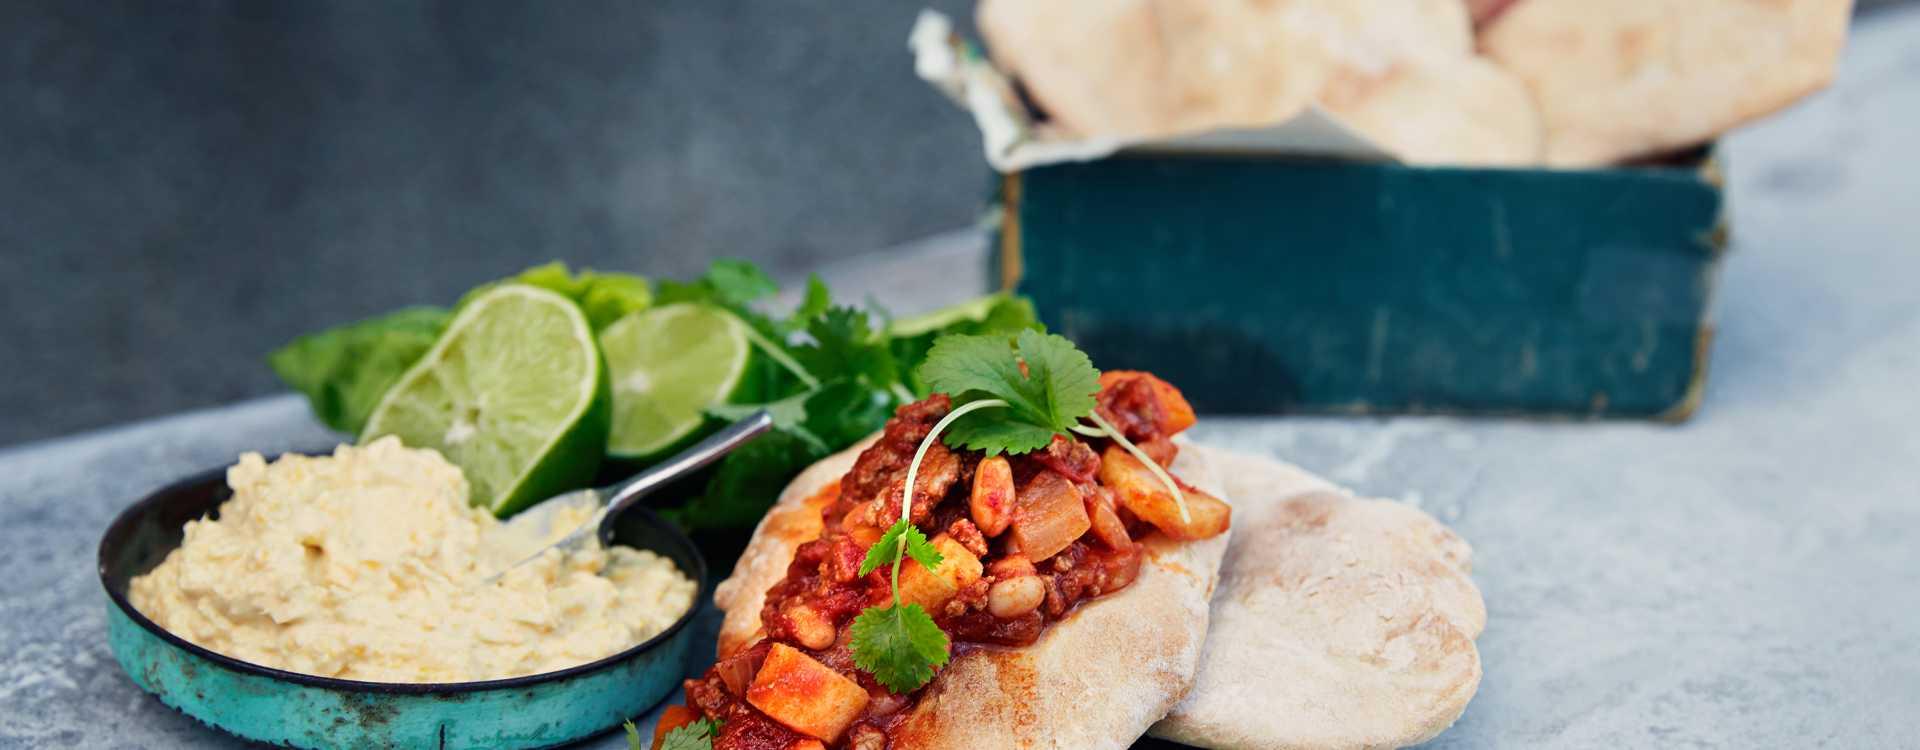 Tacobrød med chili con carne og maiskrem